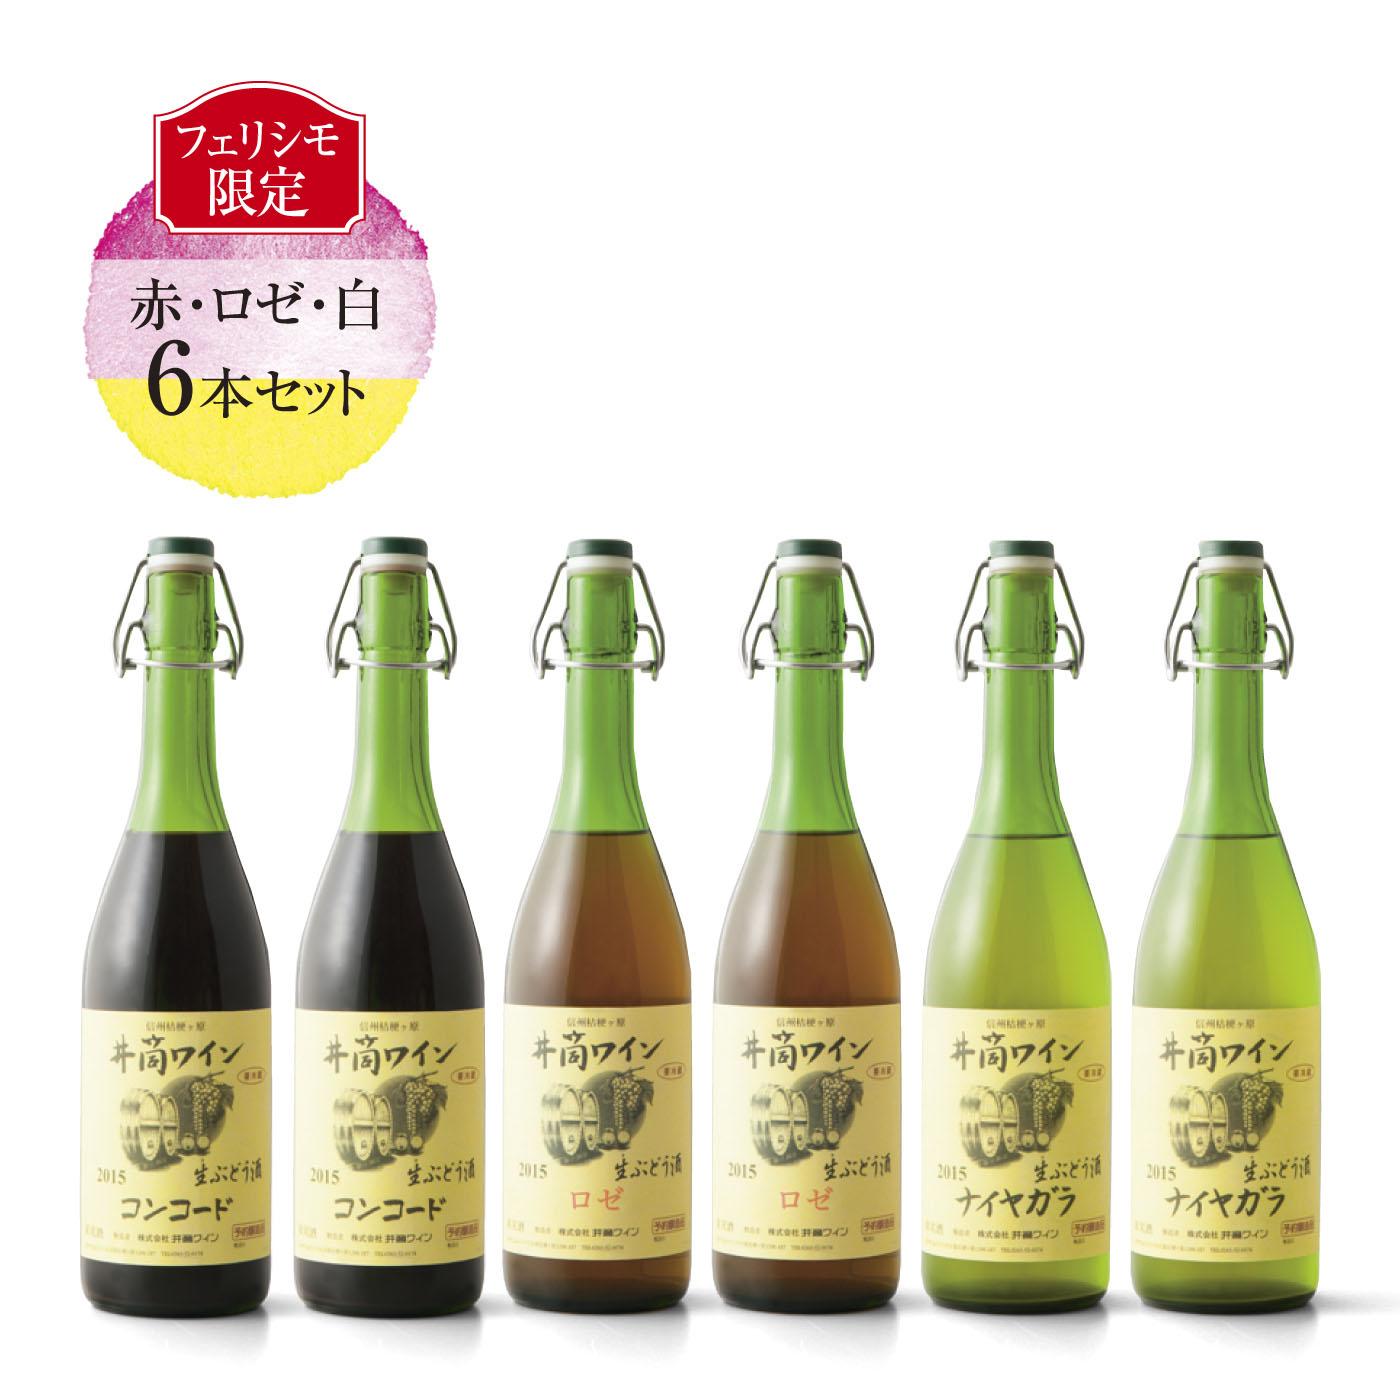 井筒生にごりワイン6本(赤・ロゼ・白各2本)セット